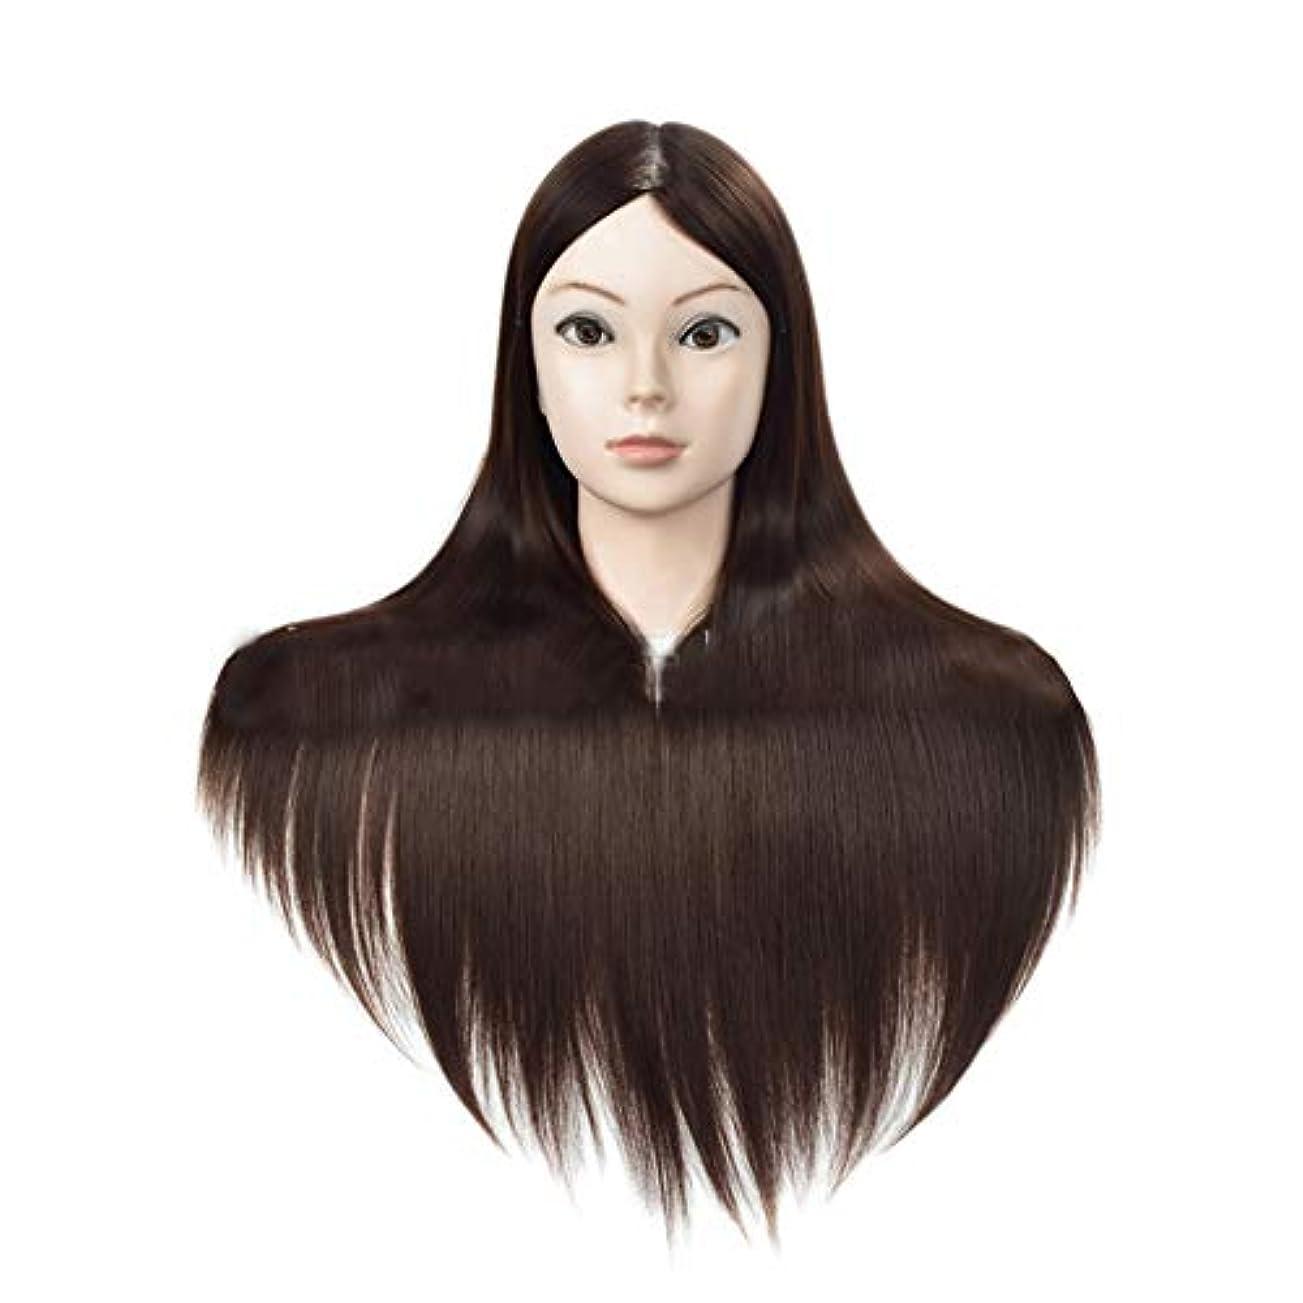 過ち表示事実髪編組ヘアスタイリング練習ヘッド高温線毛ウィッグヘッド金型メイク学習訓練ダミーヘッド